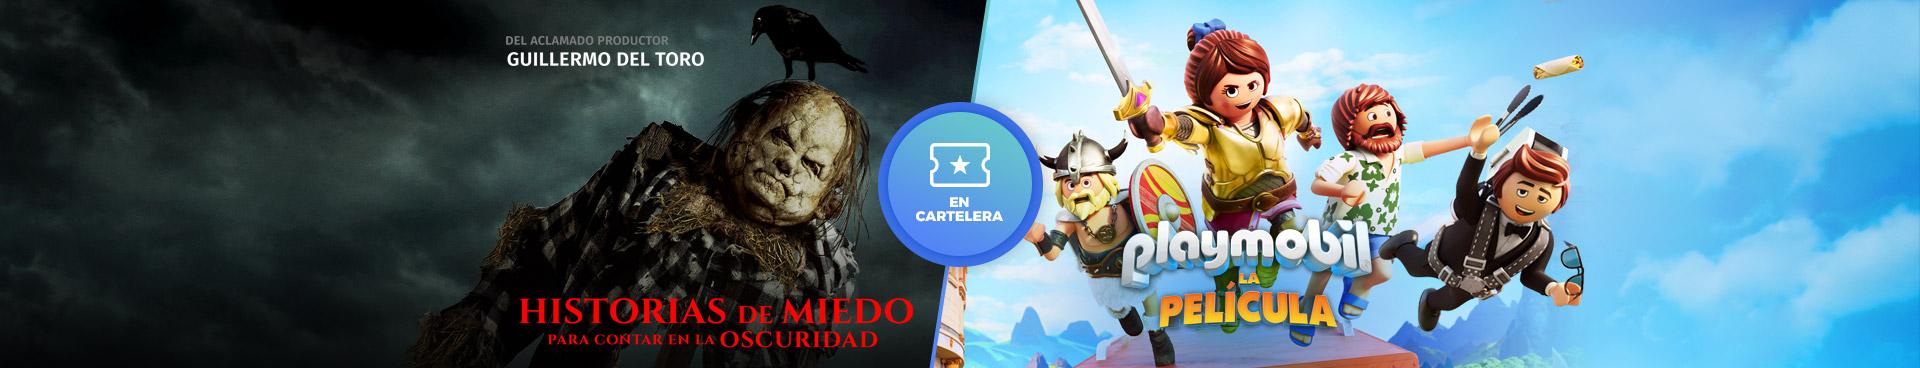 En cartelera: Playmobil / Historias de miedo